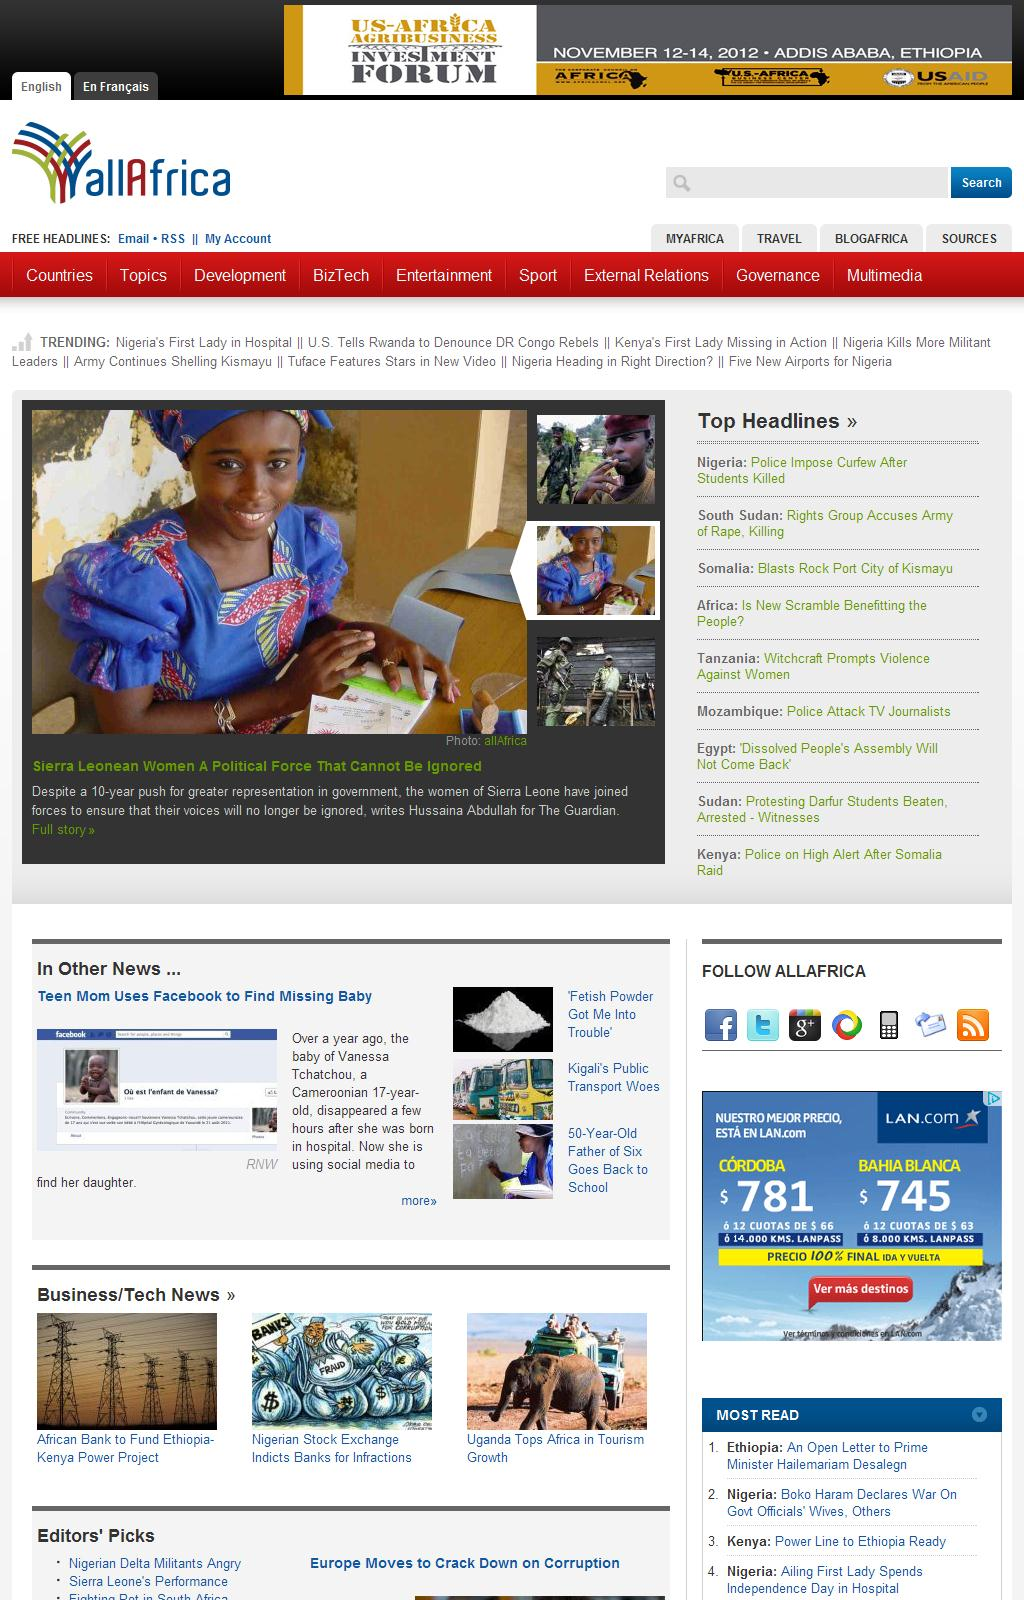 allAfrica.com: Home